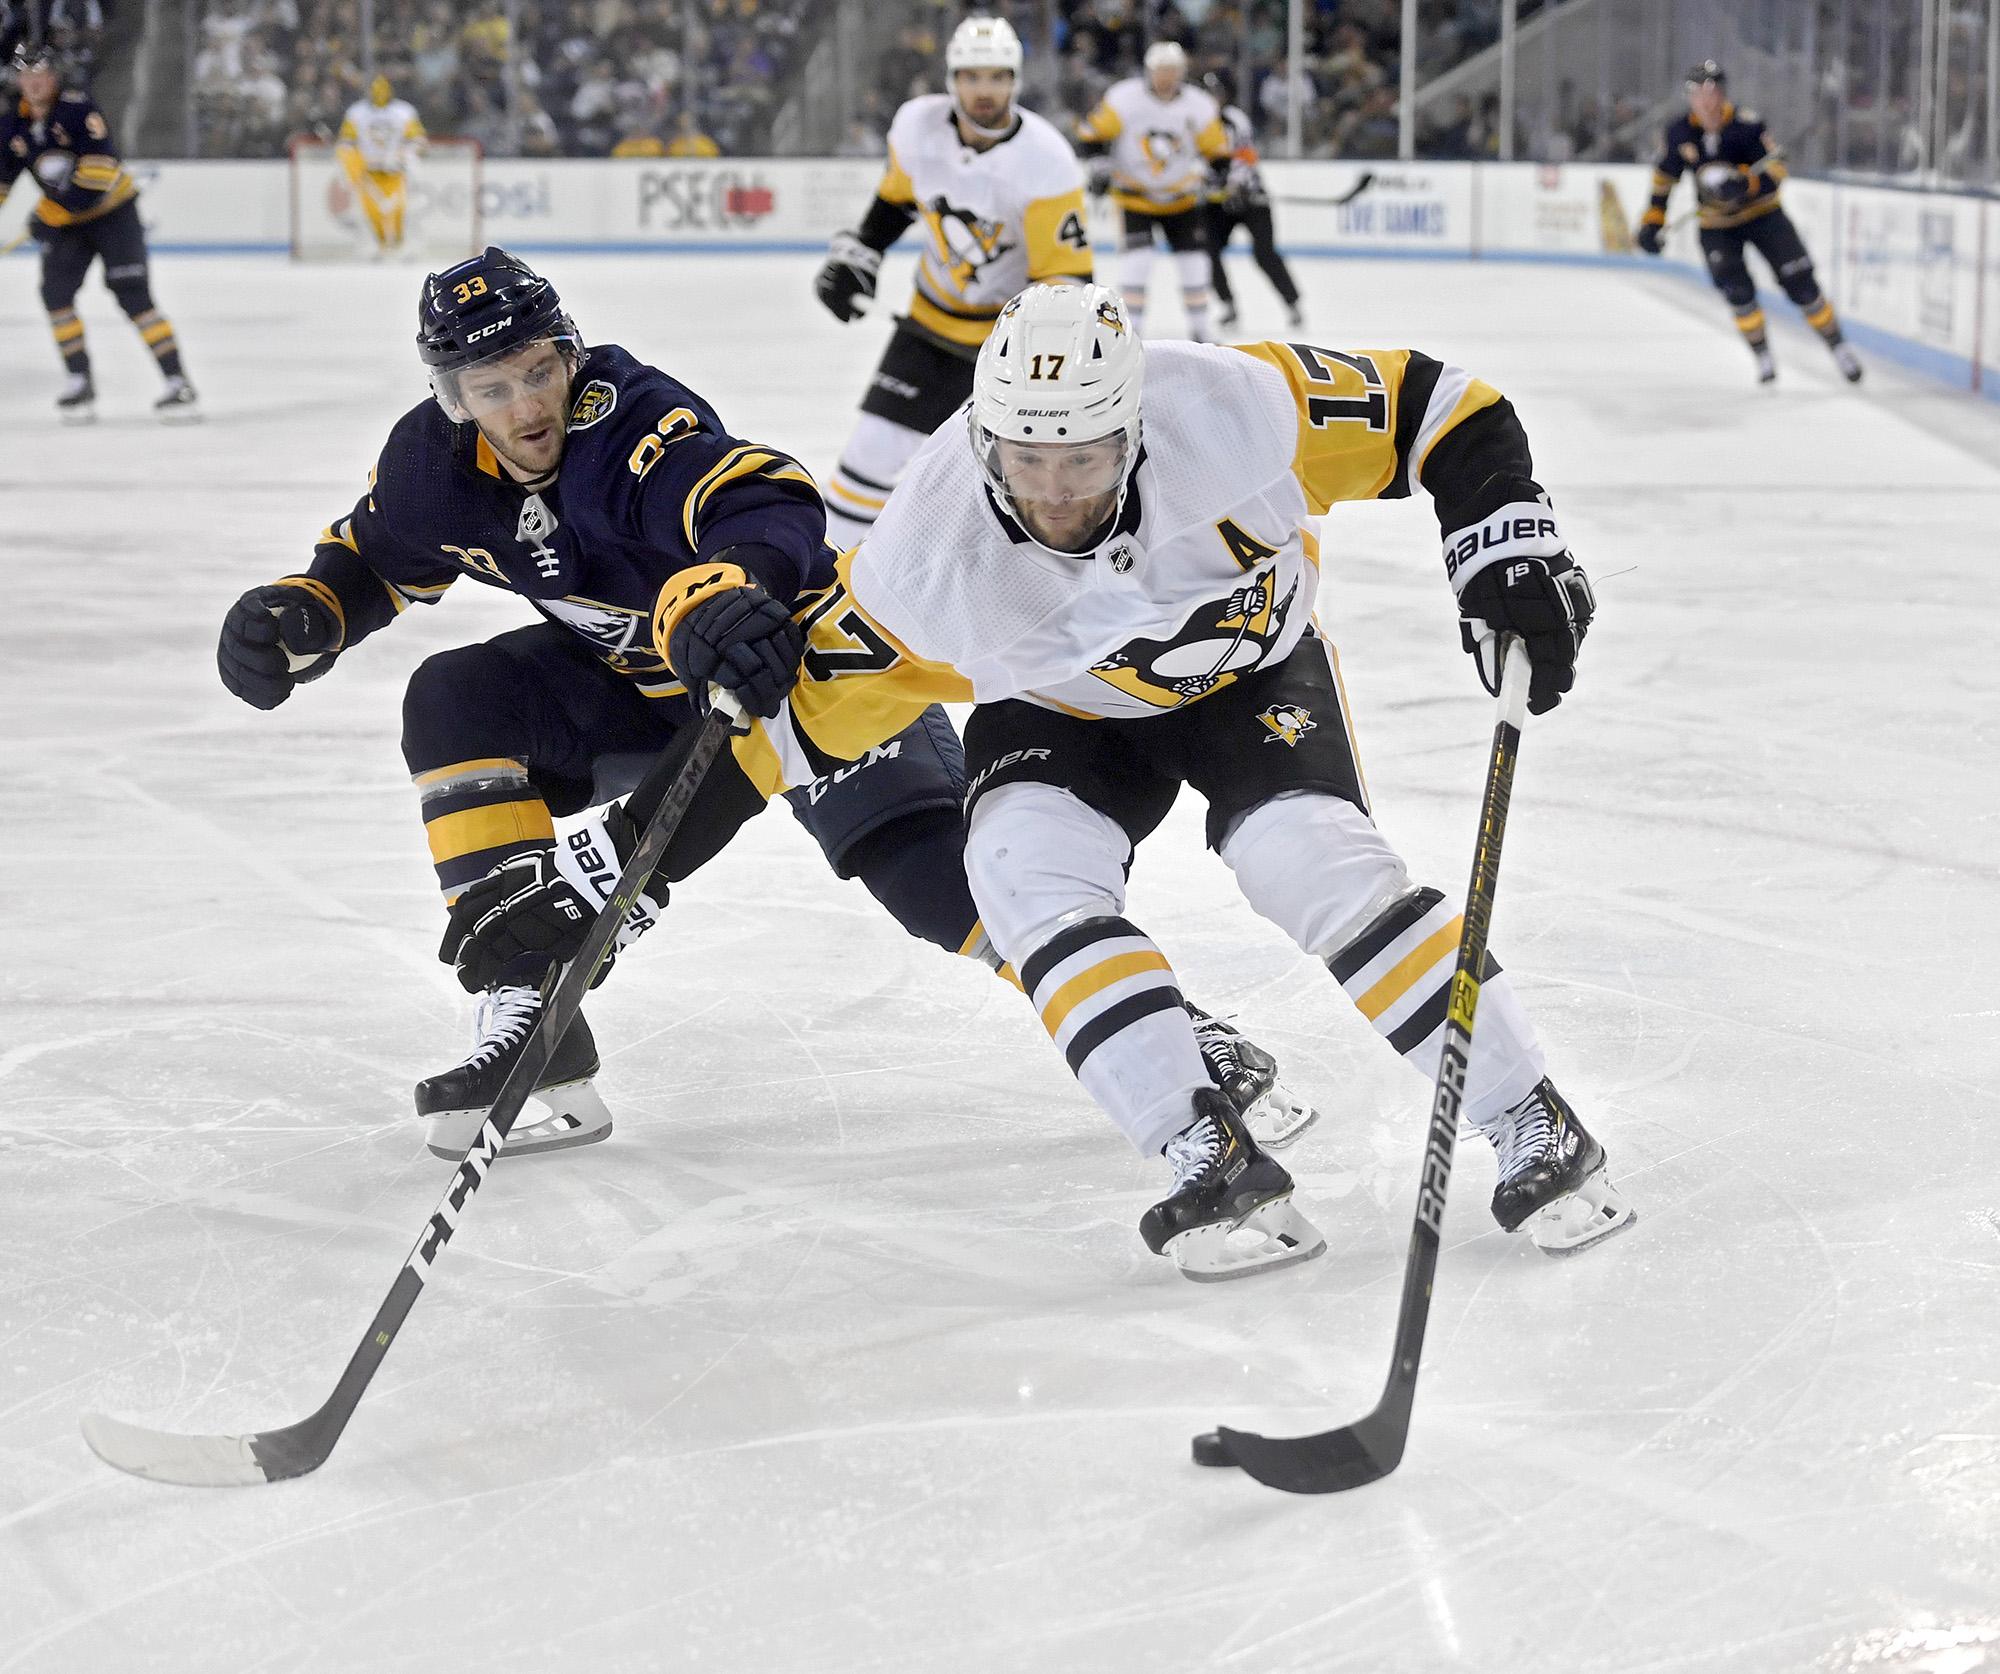 Pittsburgh Penguins vs. Buffalo Sabres preseason